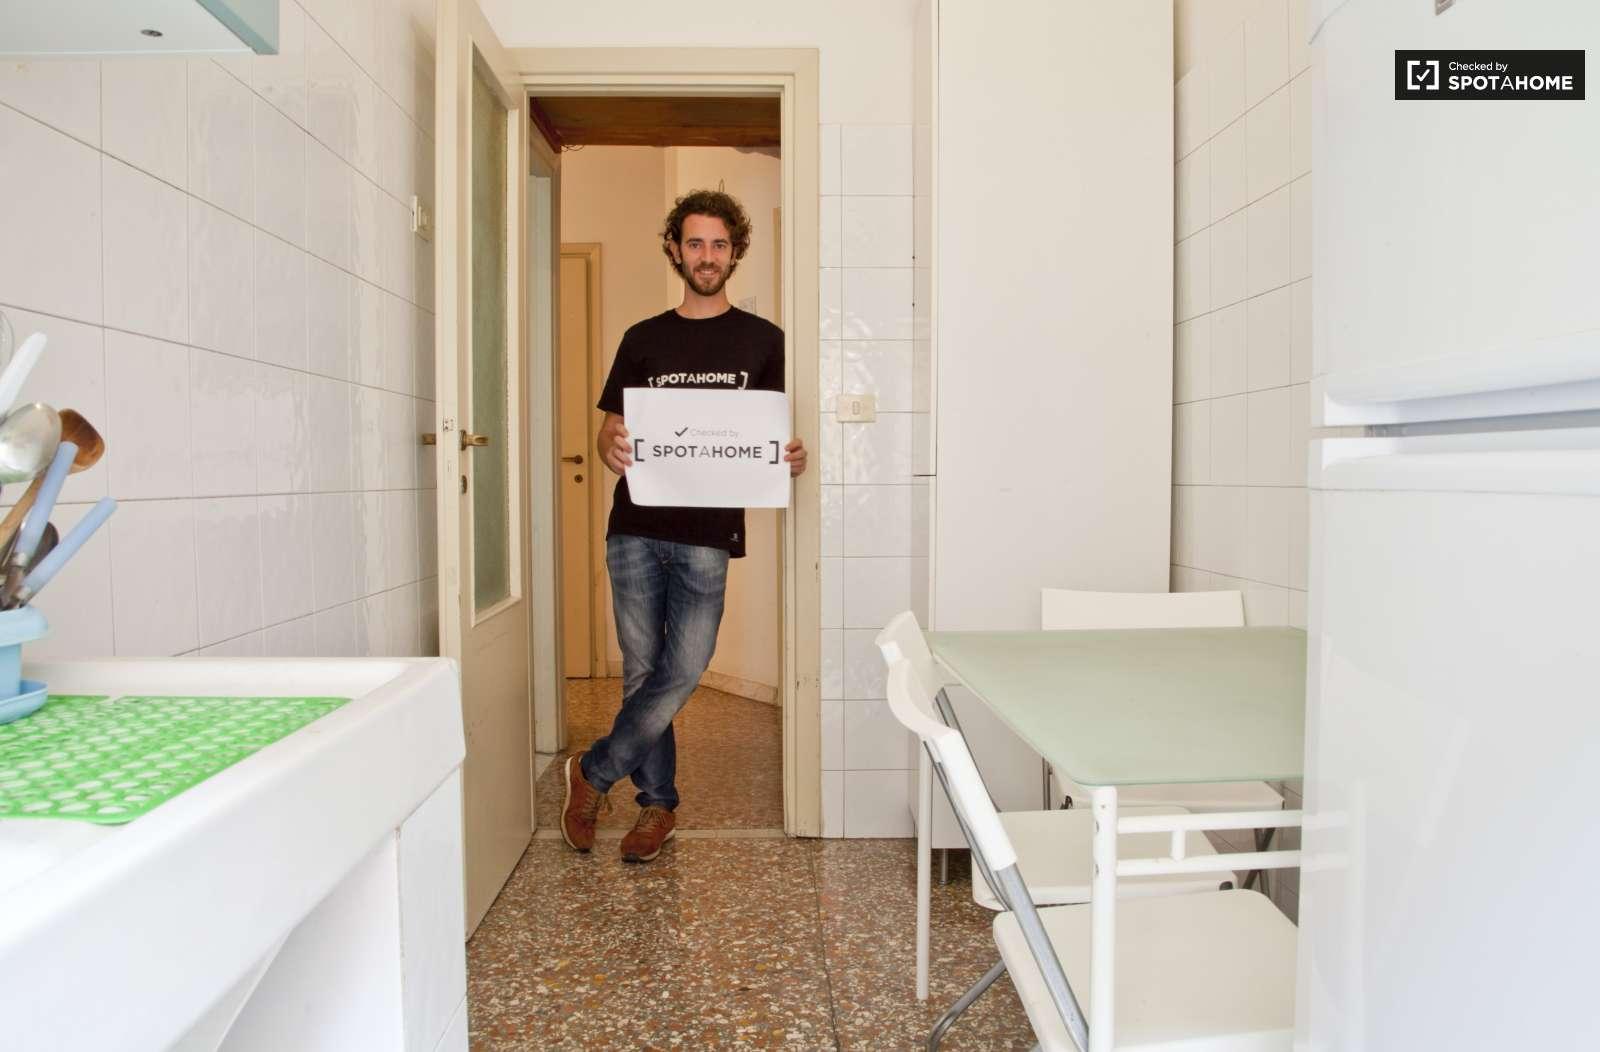 Bagno In Comune In Inglese : Stanze in affitto in un appartamento con 3 camere da letto a